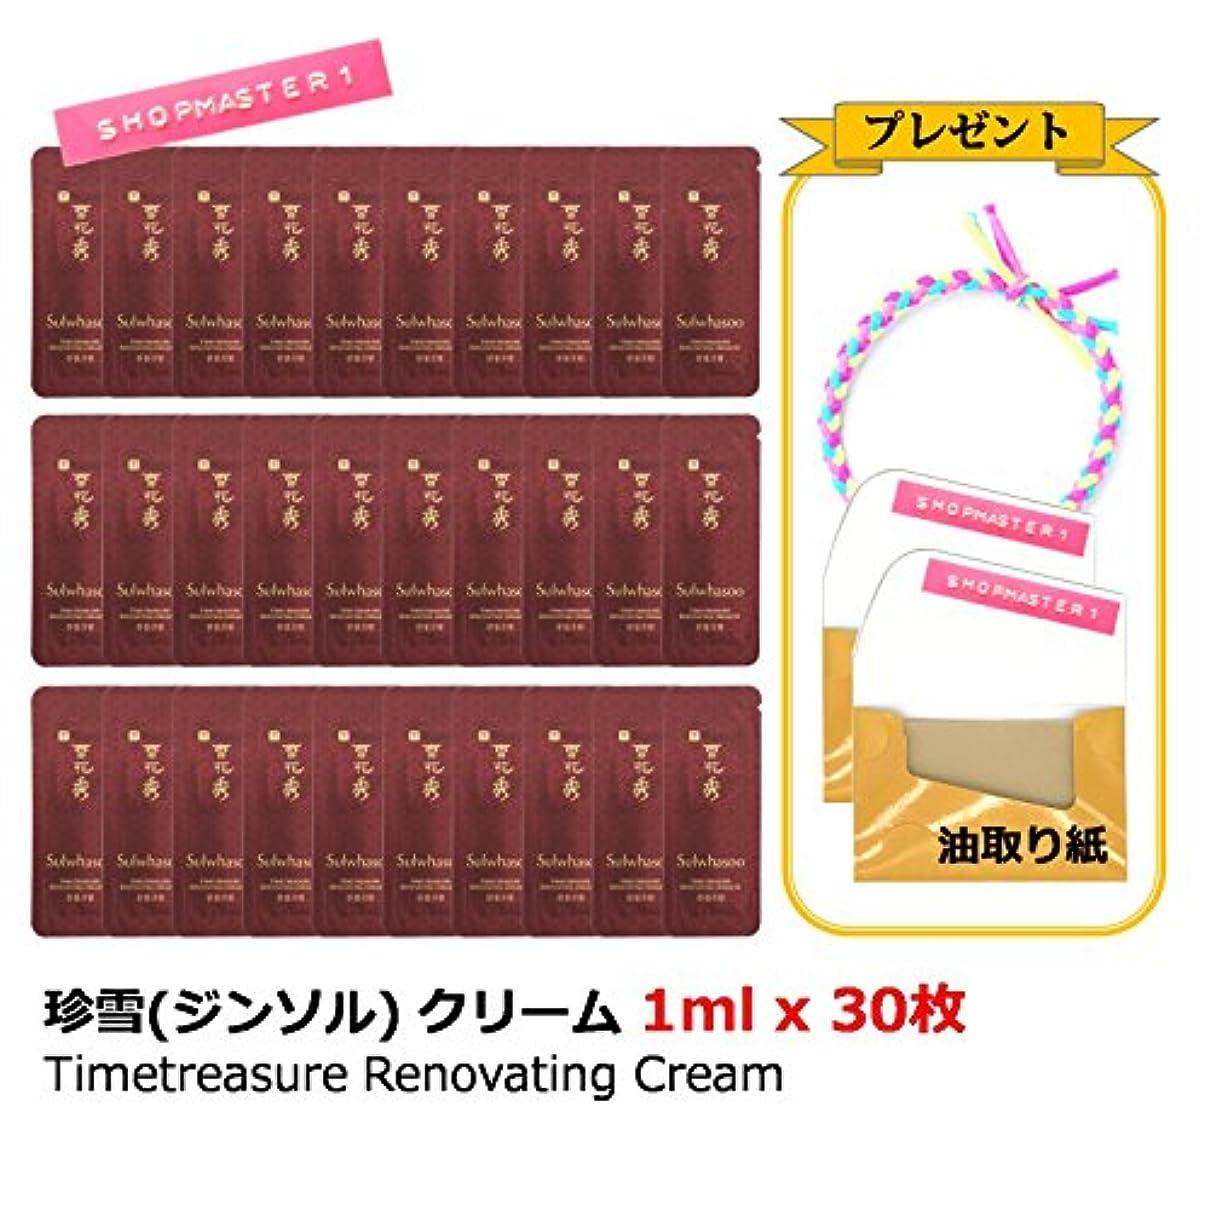 展示会ドレイン弱まる【Sulwhasoo ソルファス】珍雪(ジンソル) クリーム 1ml x 30枚 Timetreasure Renovating Cream/プレゼント 油取り紙 2個(30枚ずつ)、ヘアタイ/海外直配送